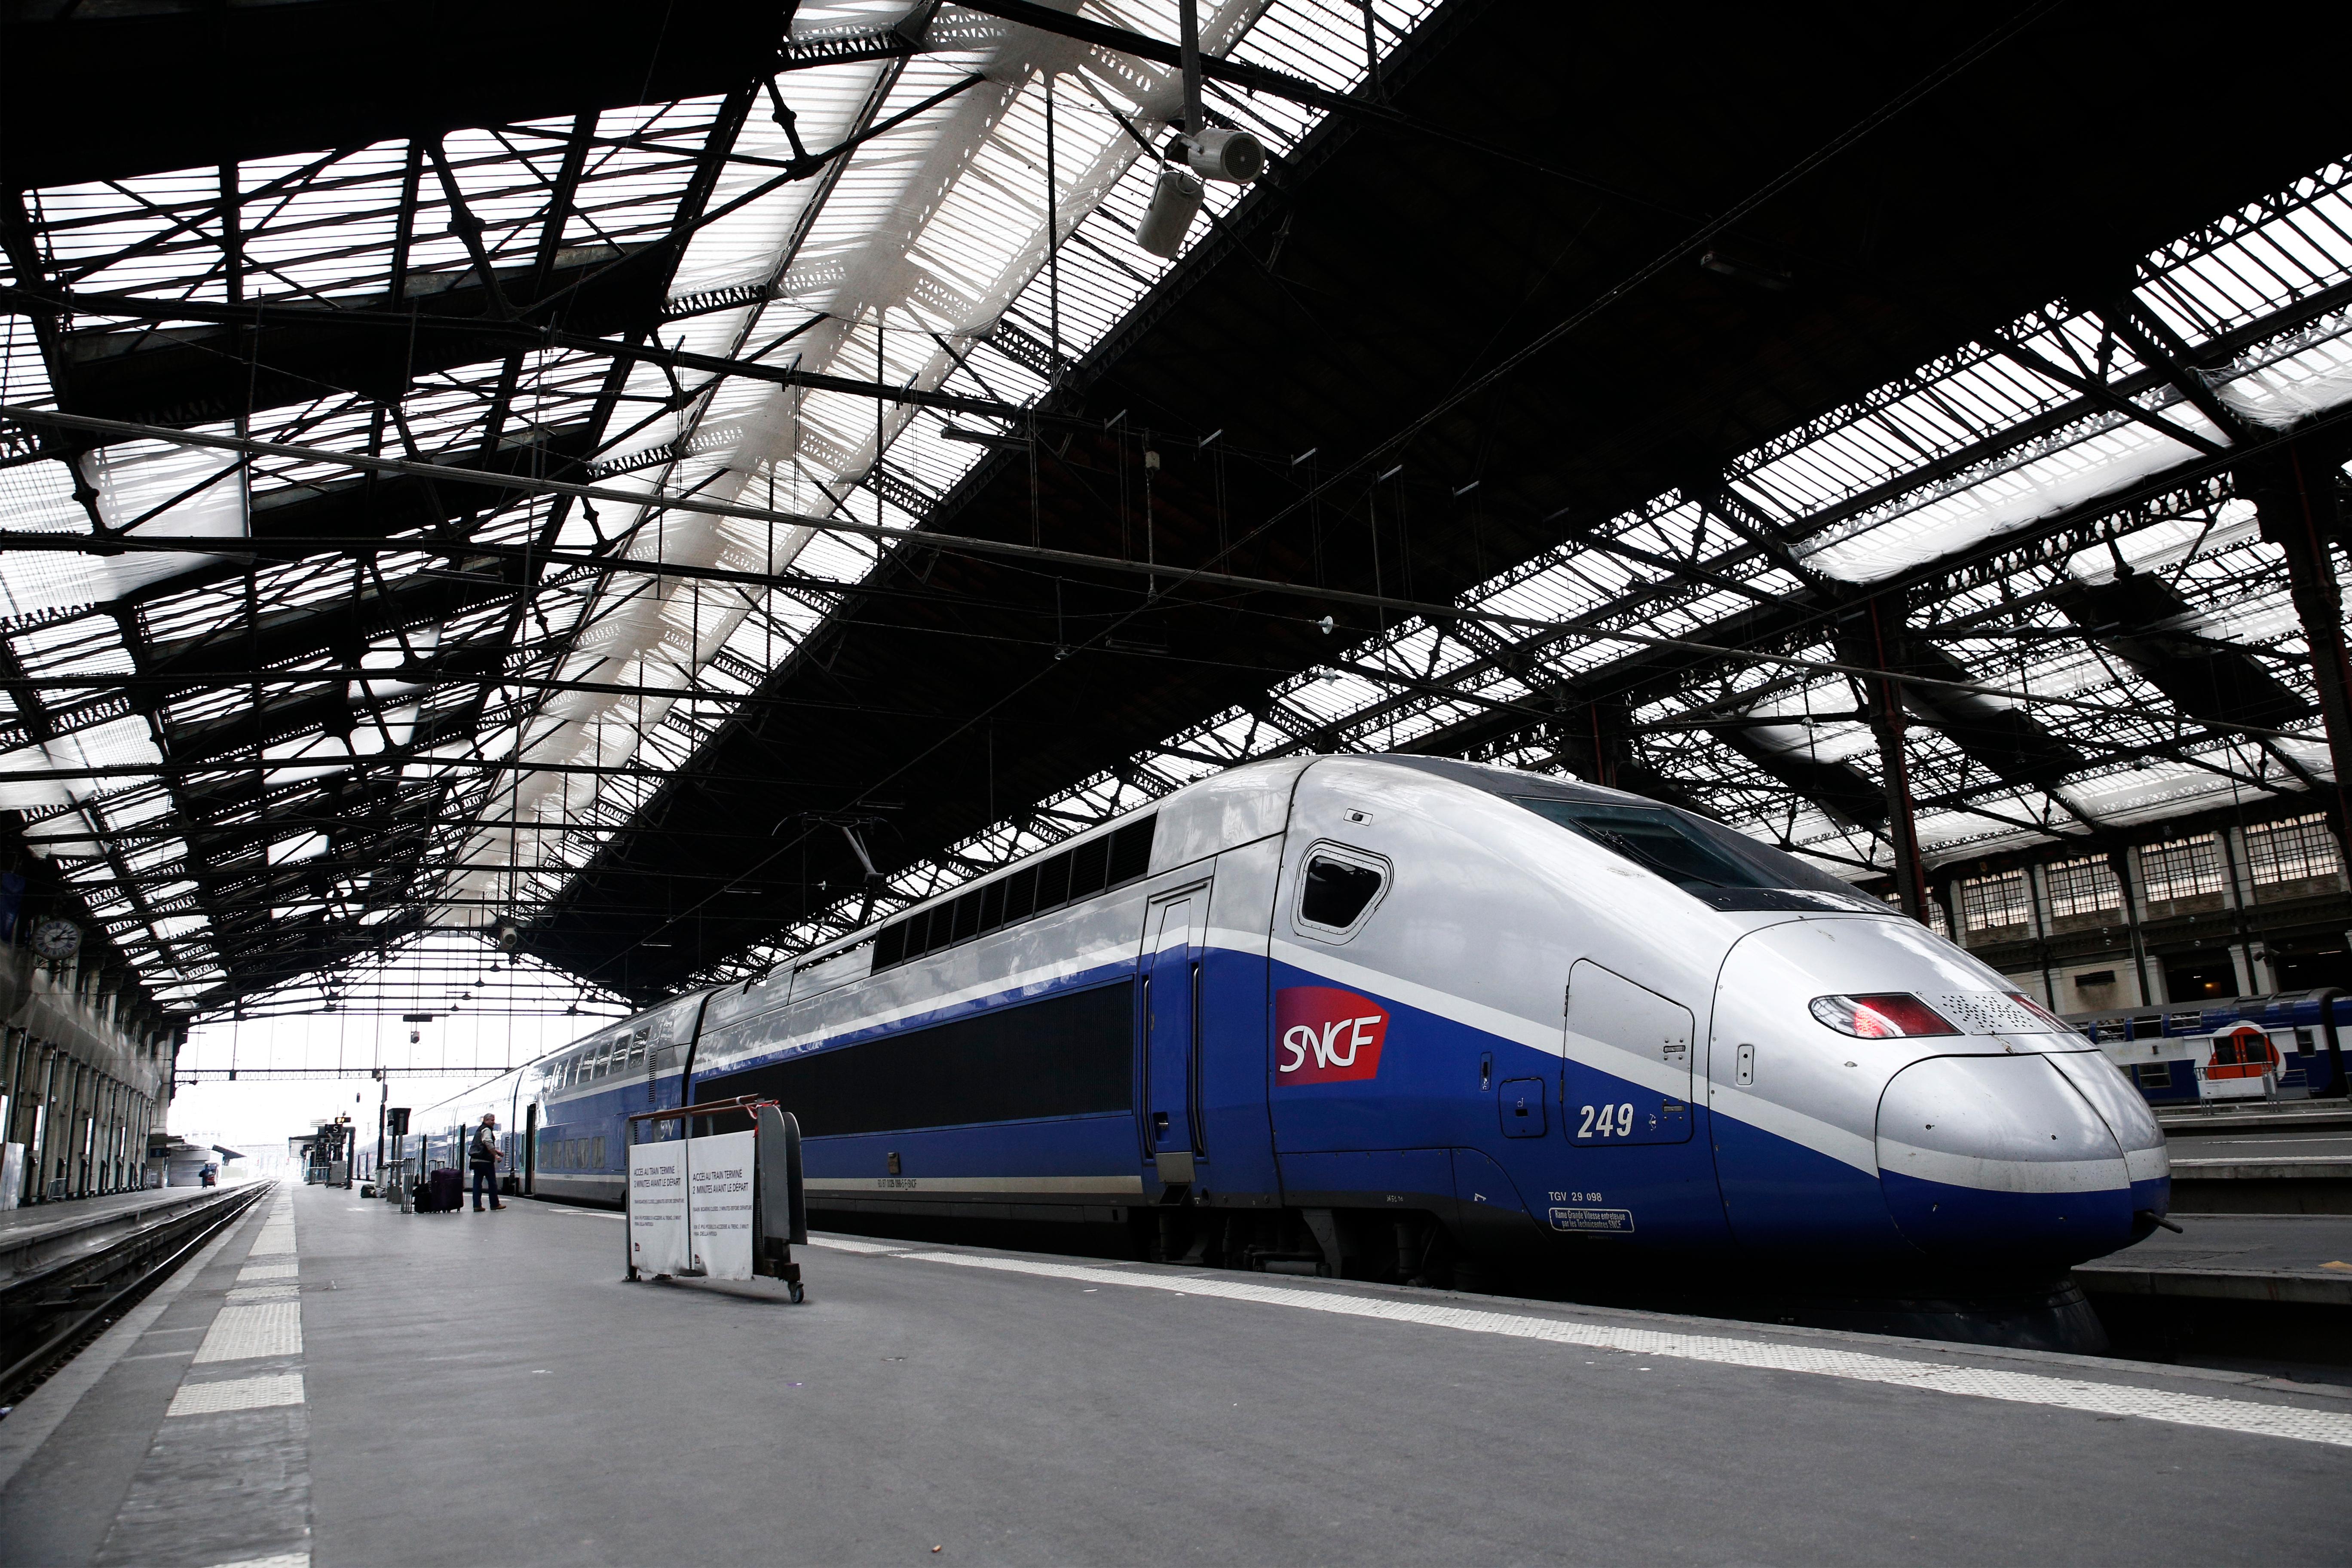 Транспортен хаос във Франция заради жп стачка